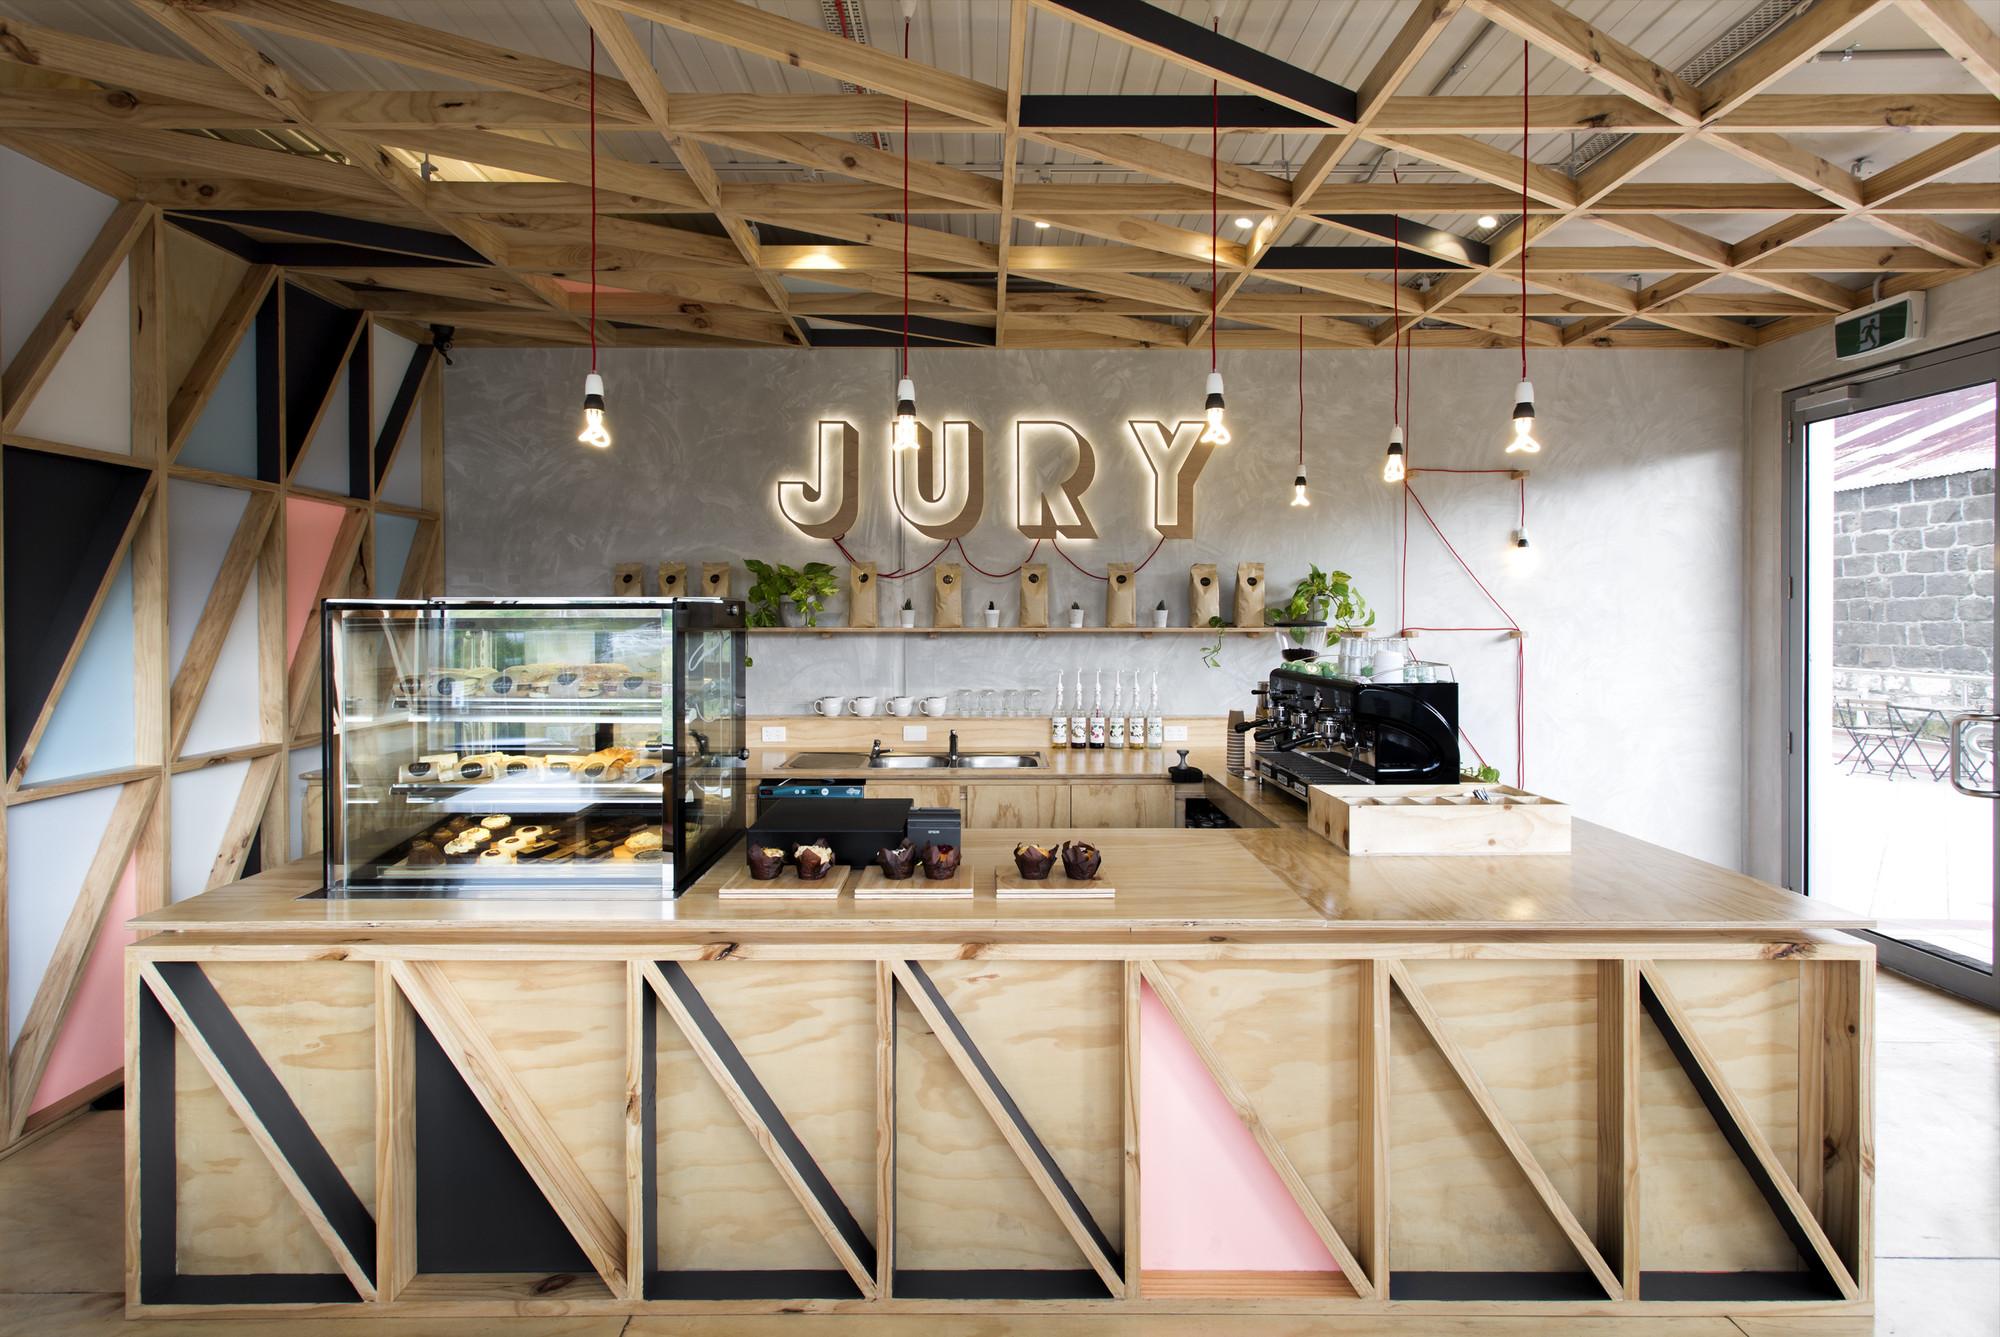 biasol jury 004 Jury / Biasol: Design Studio